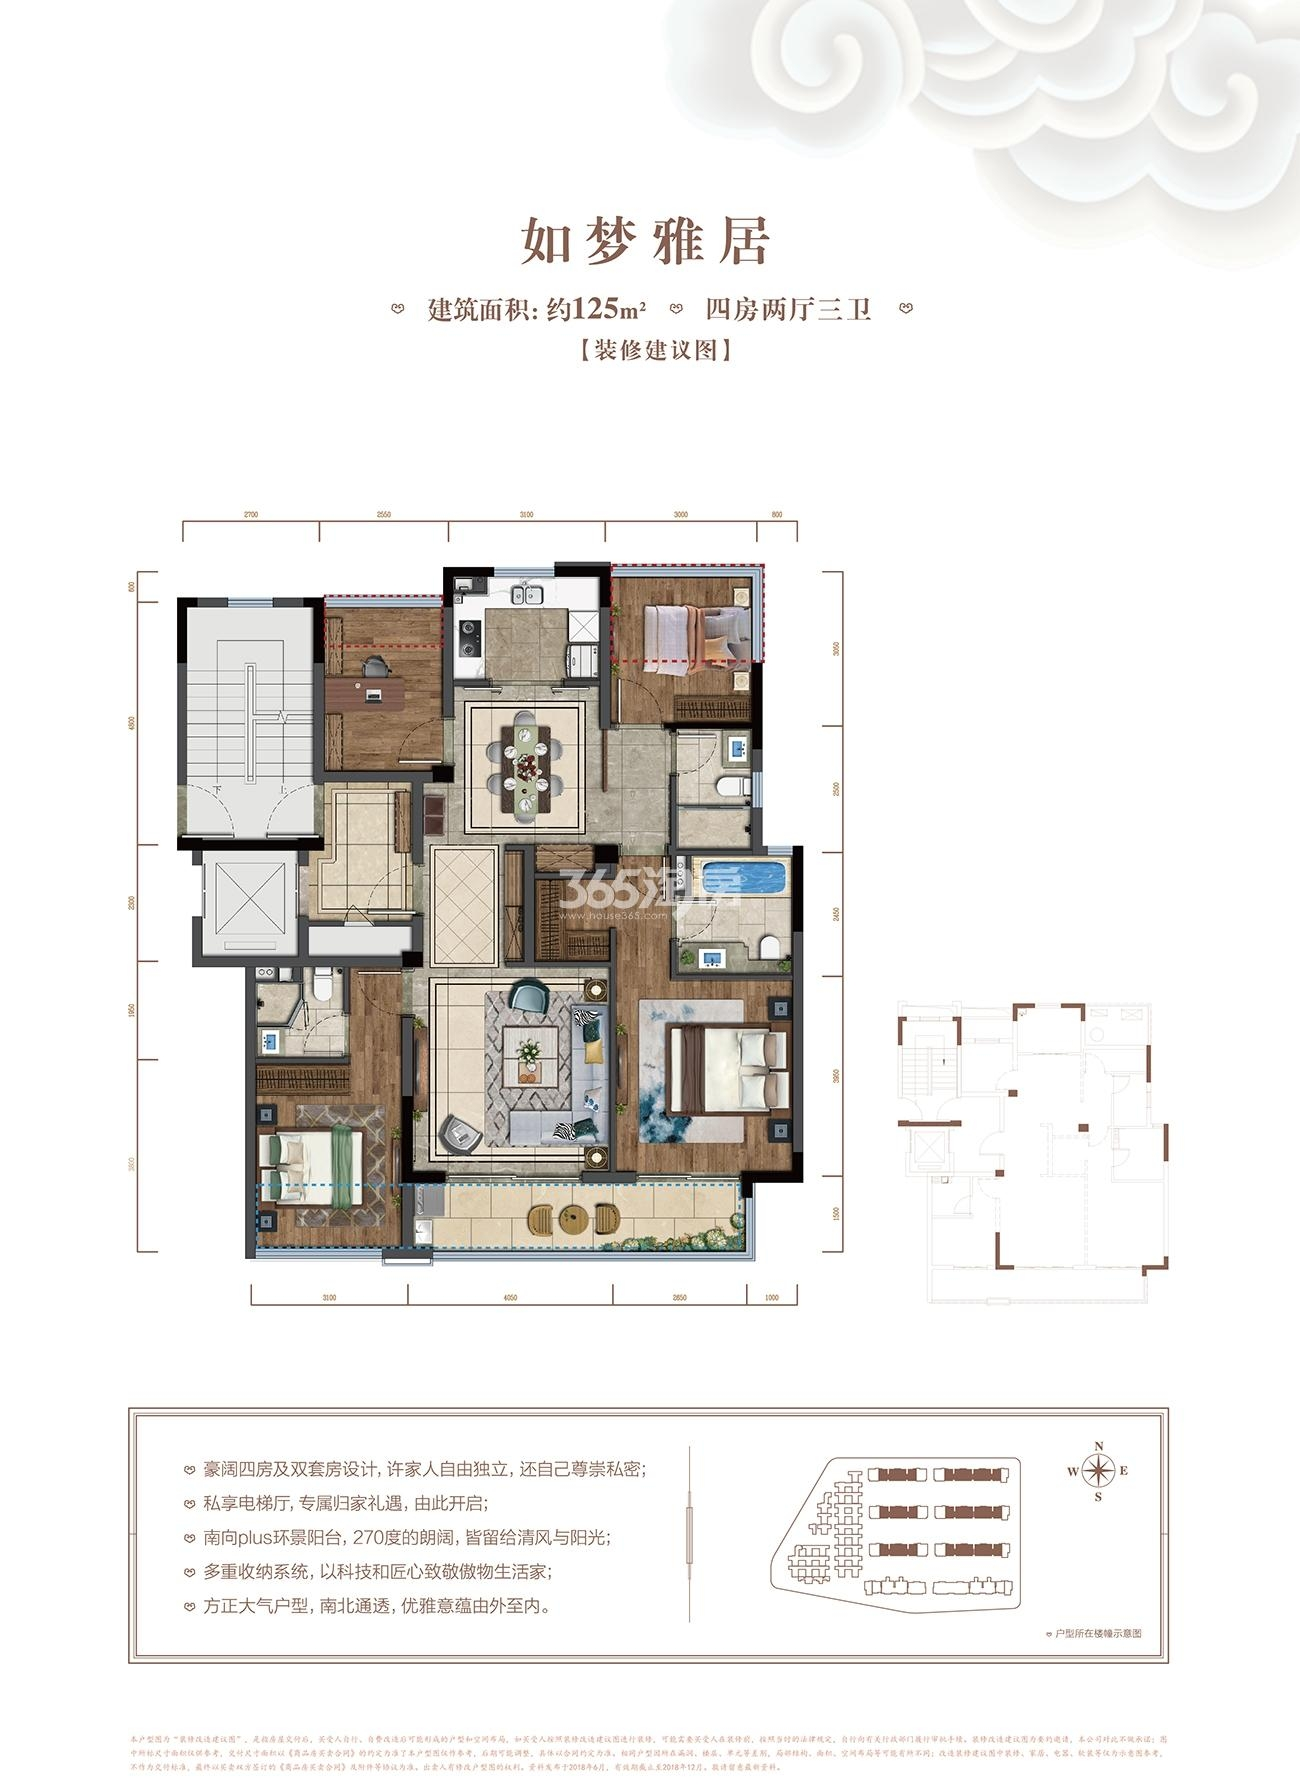 中粮梦栖祥云洋房1-6号楼中间套户型 125㎡